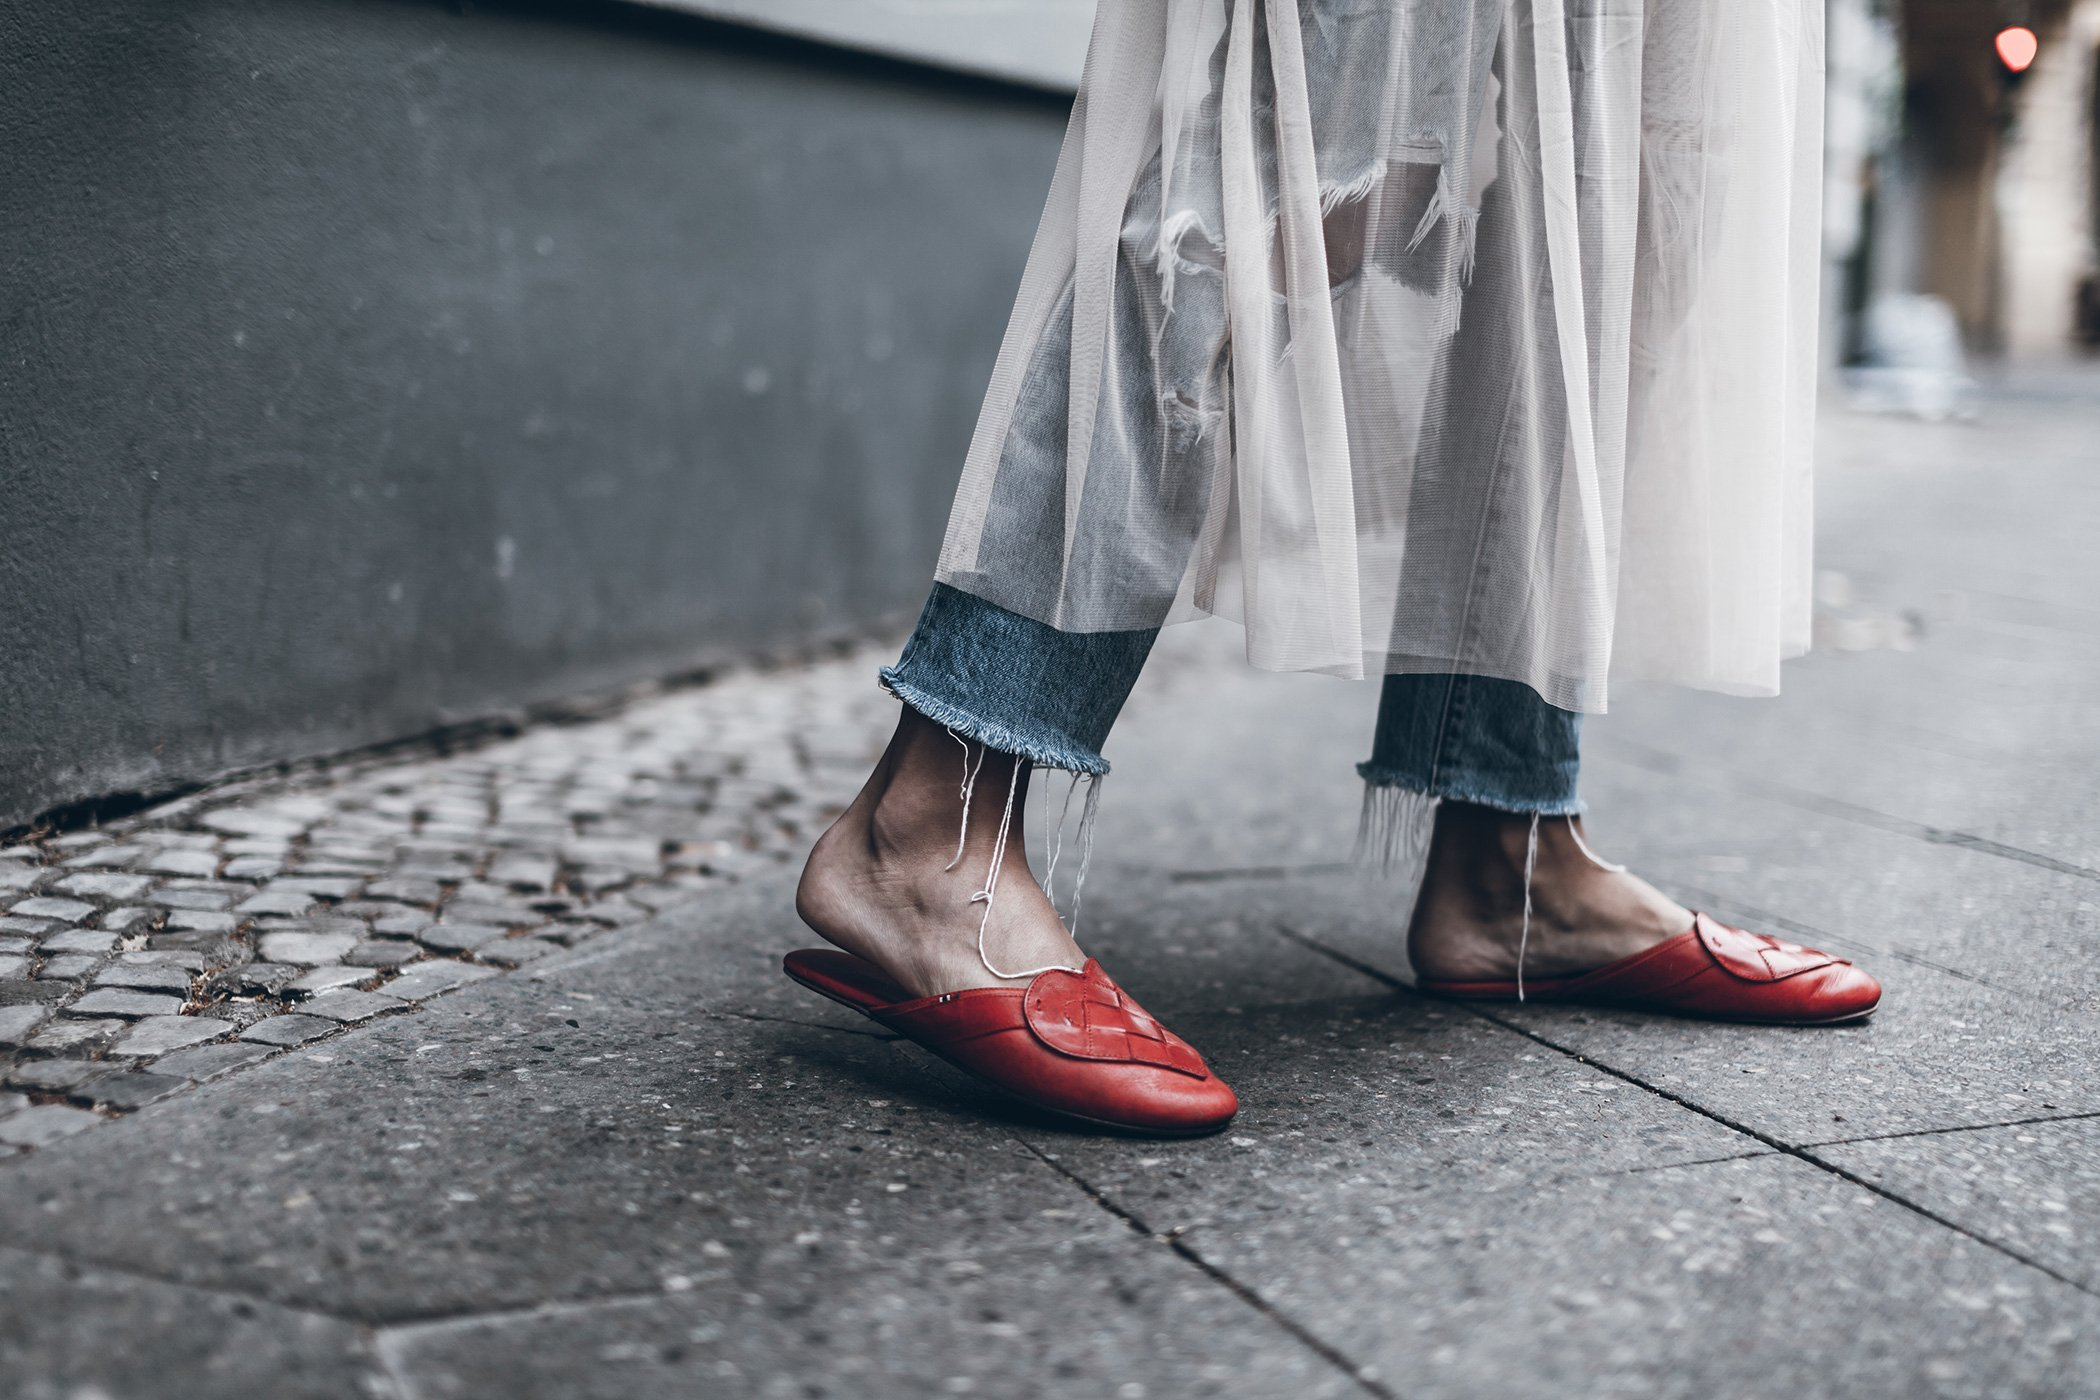 mikuta-elskling-slippers-5